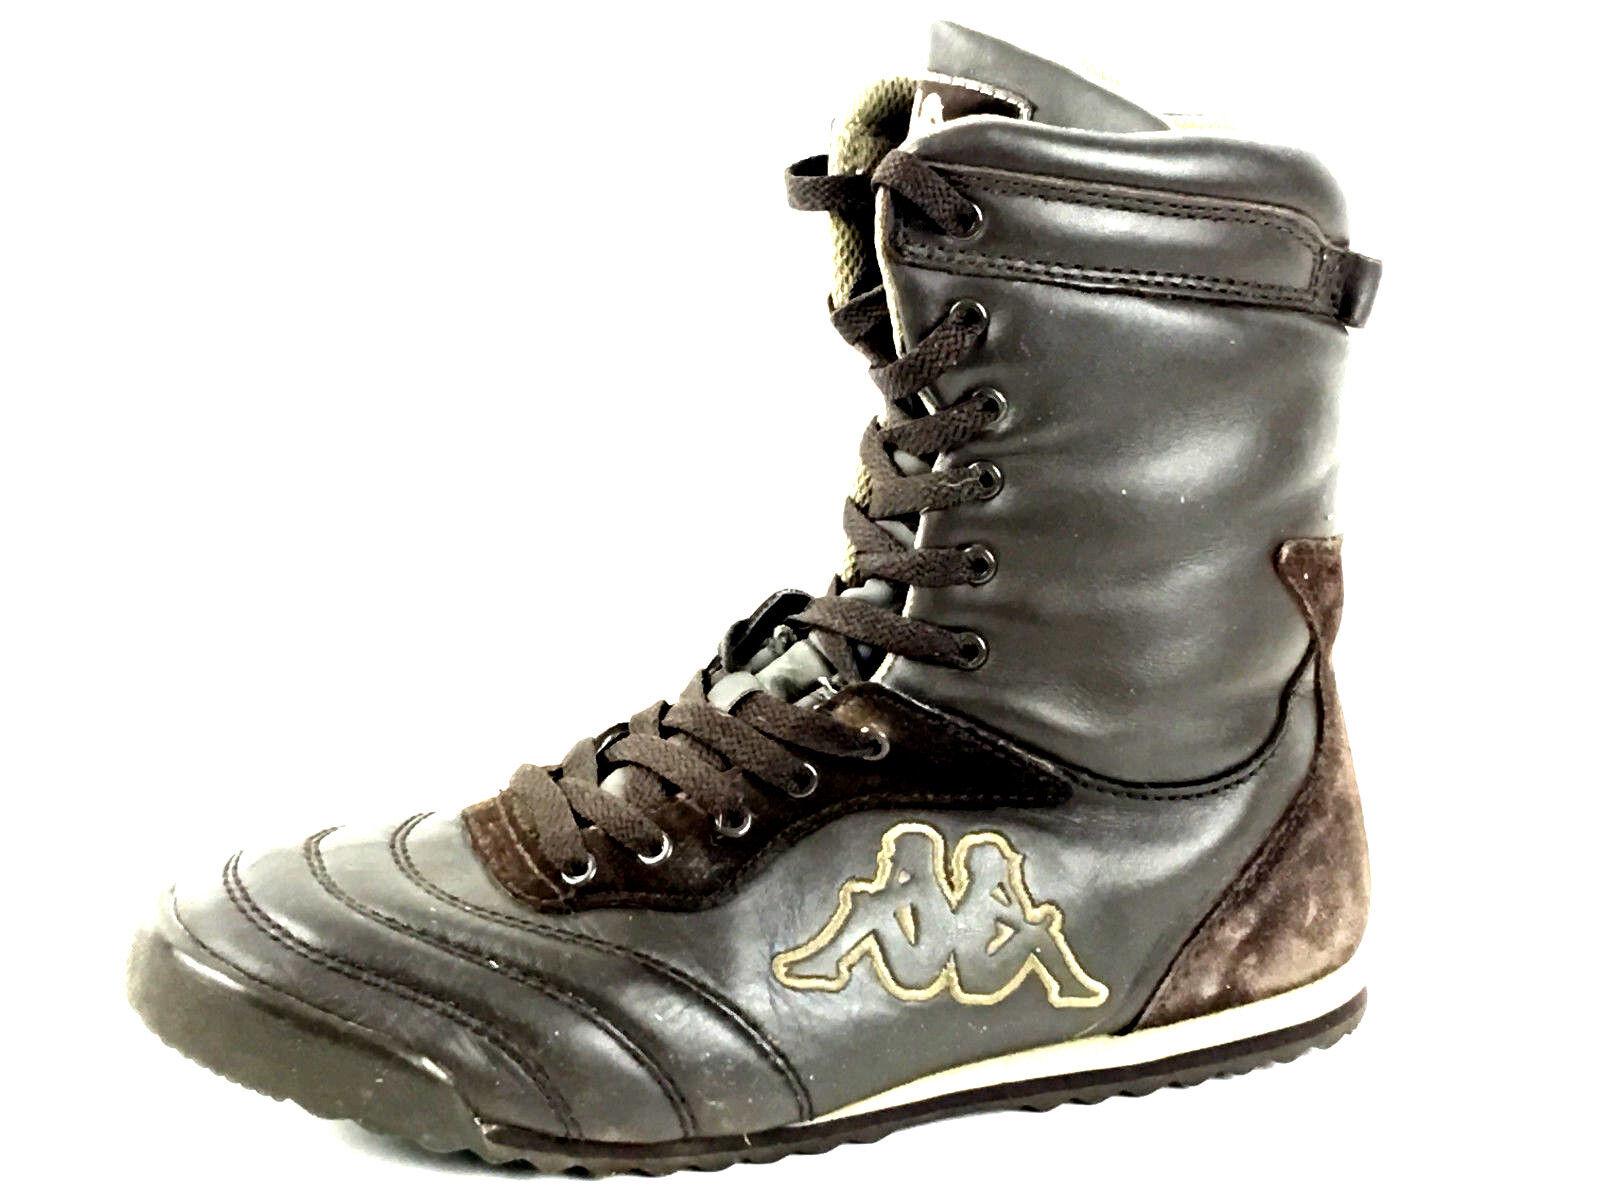 Zapatillas Zapatillas Zapatillas Kappa Hi Top botas Zapato Marrón Talla 9 EE. UU. Reino Unido. 6.5 EUR.40  tienda en linea